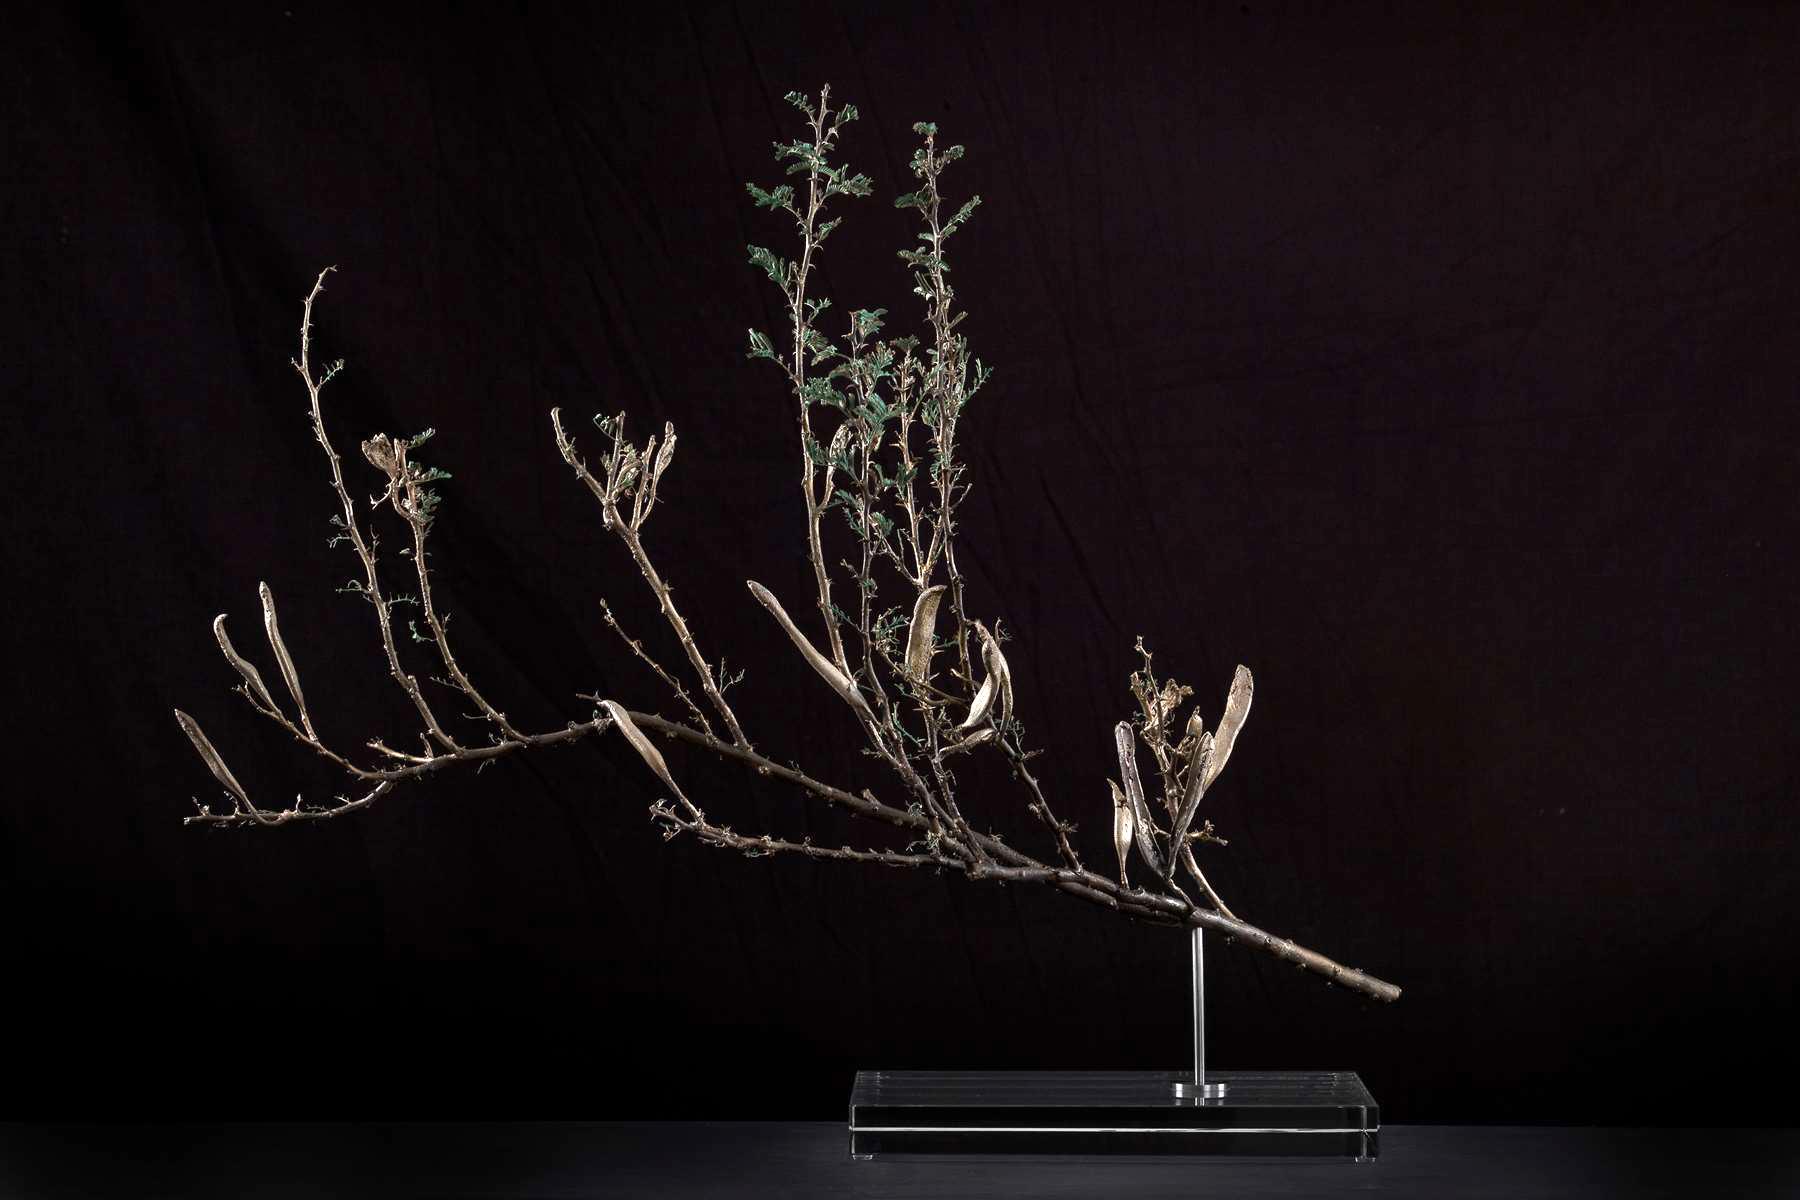 <i>Acacia hebeclada subsp. hebeclada </i>